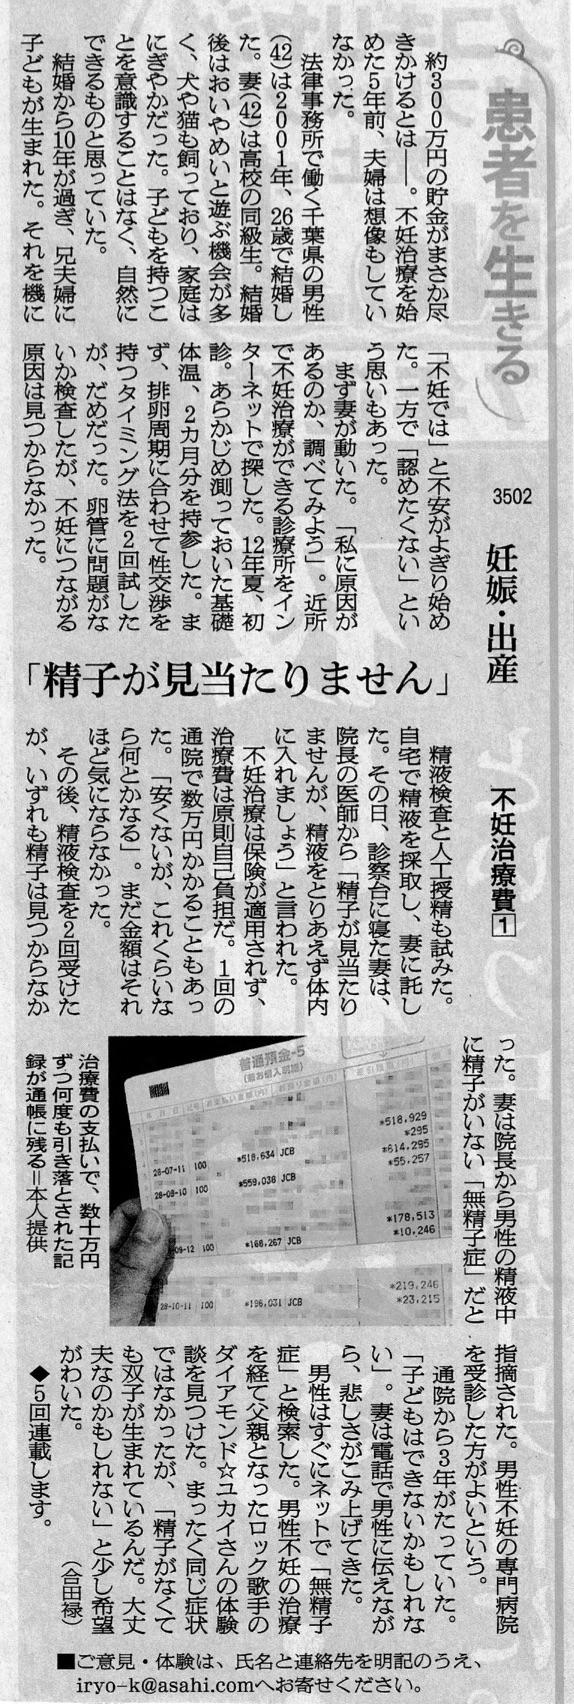 Asahi_20180305